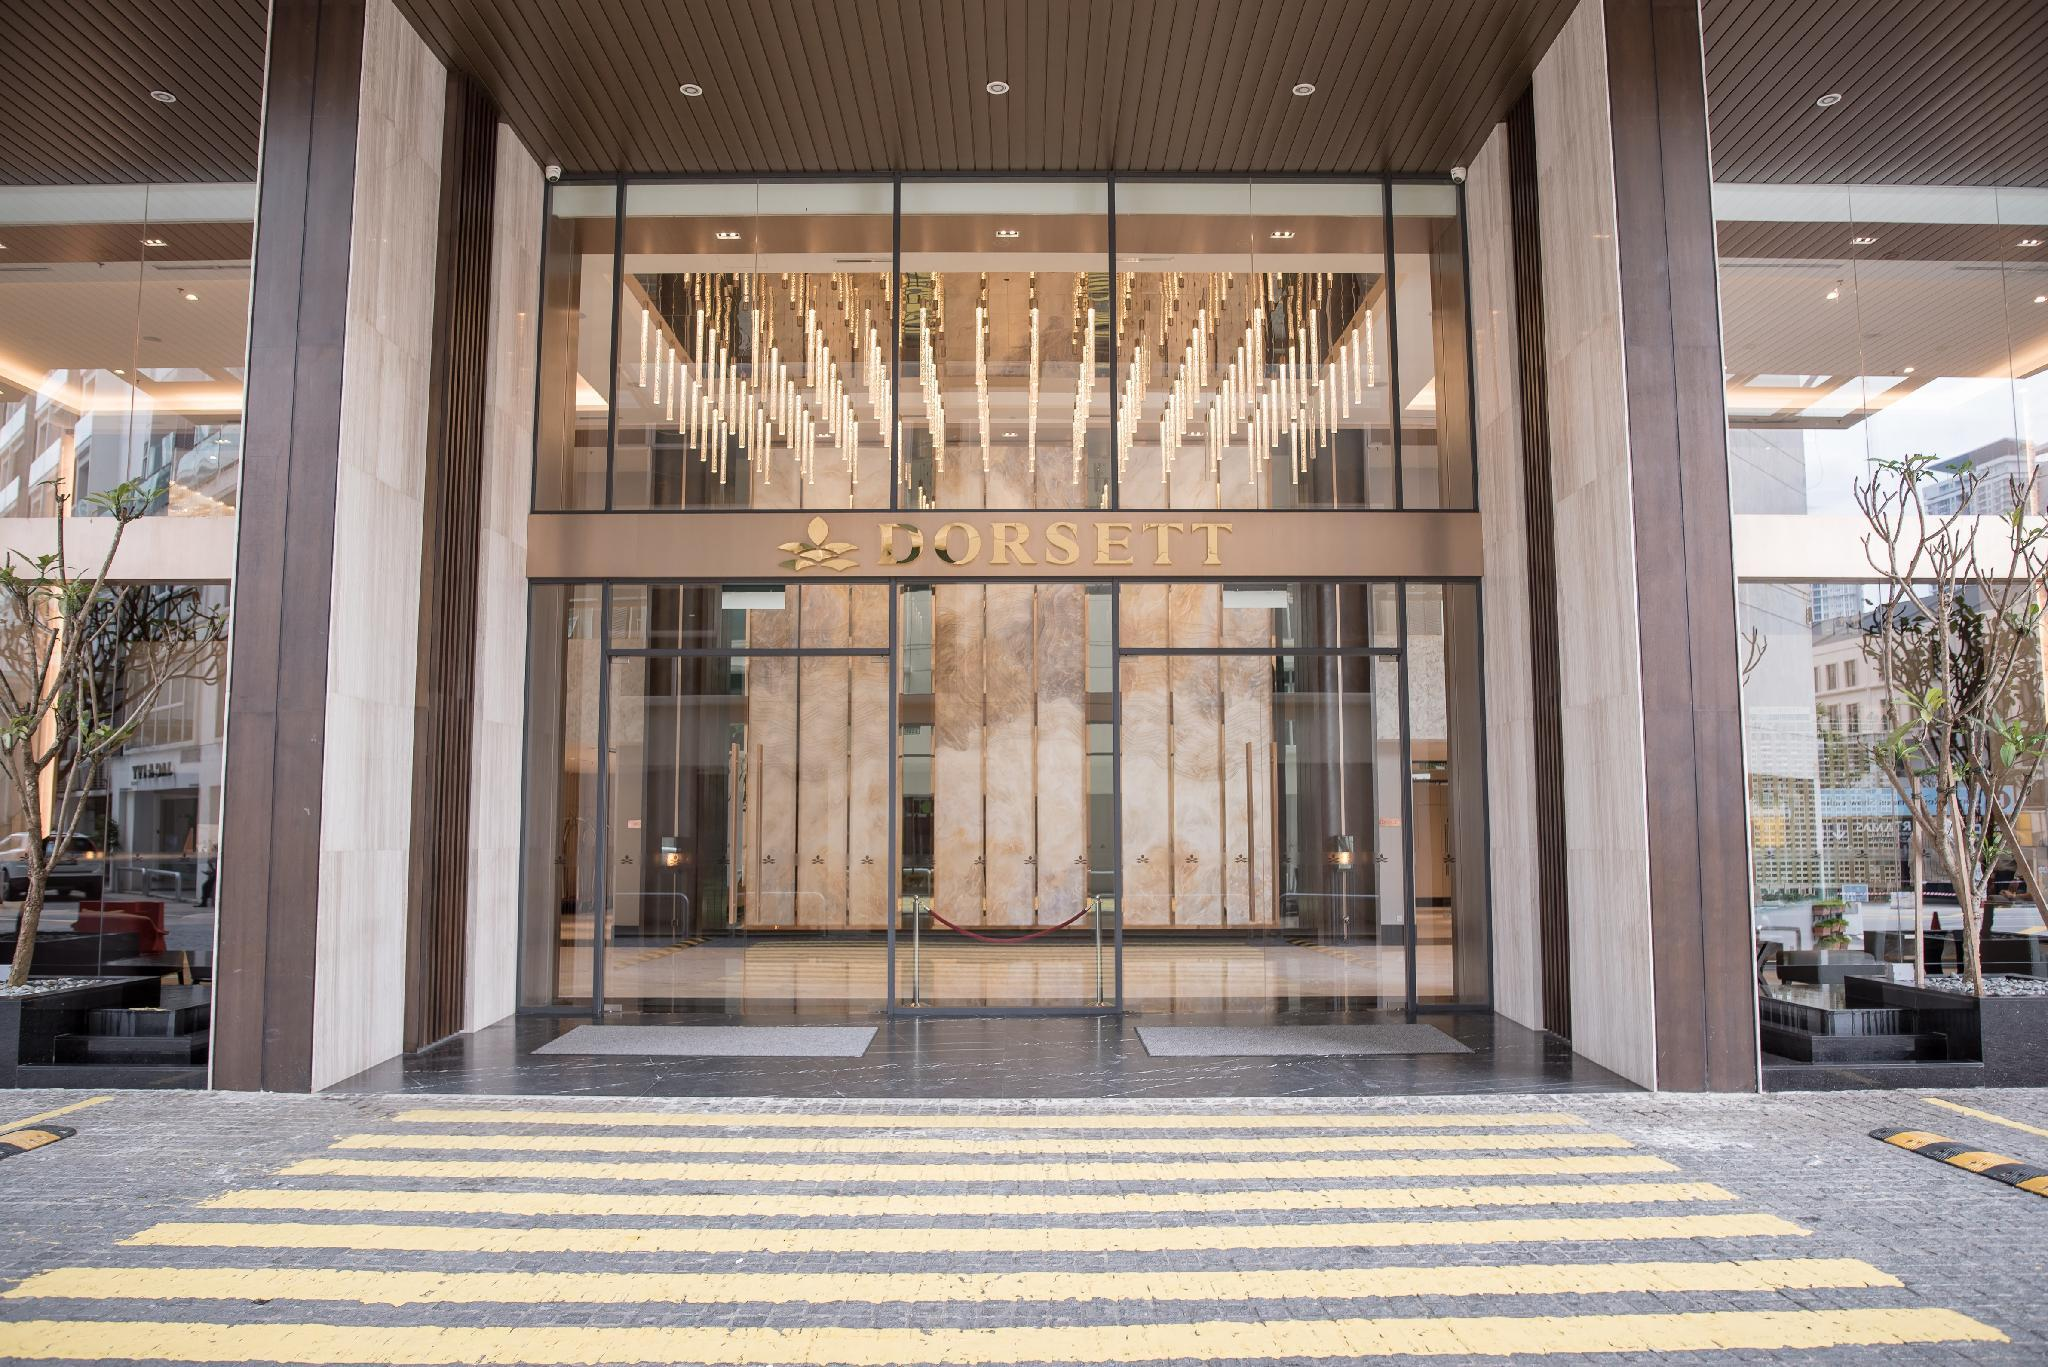 5 Star  Dorsett Residence And Hotel Near KL City